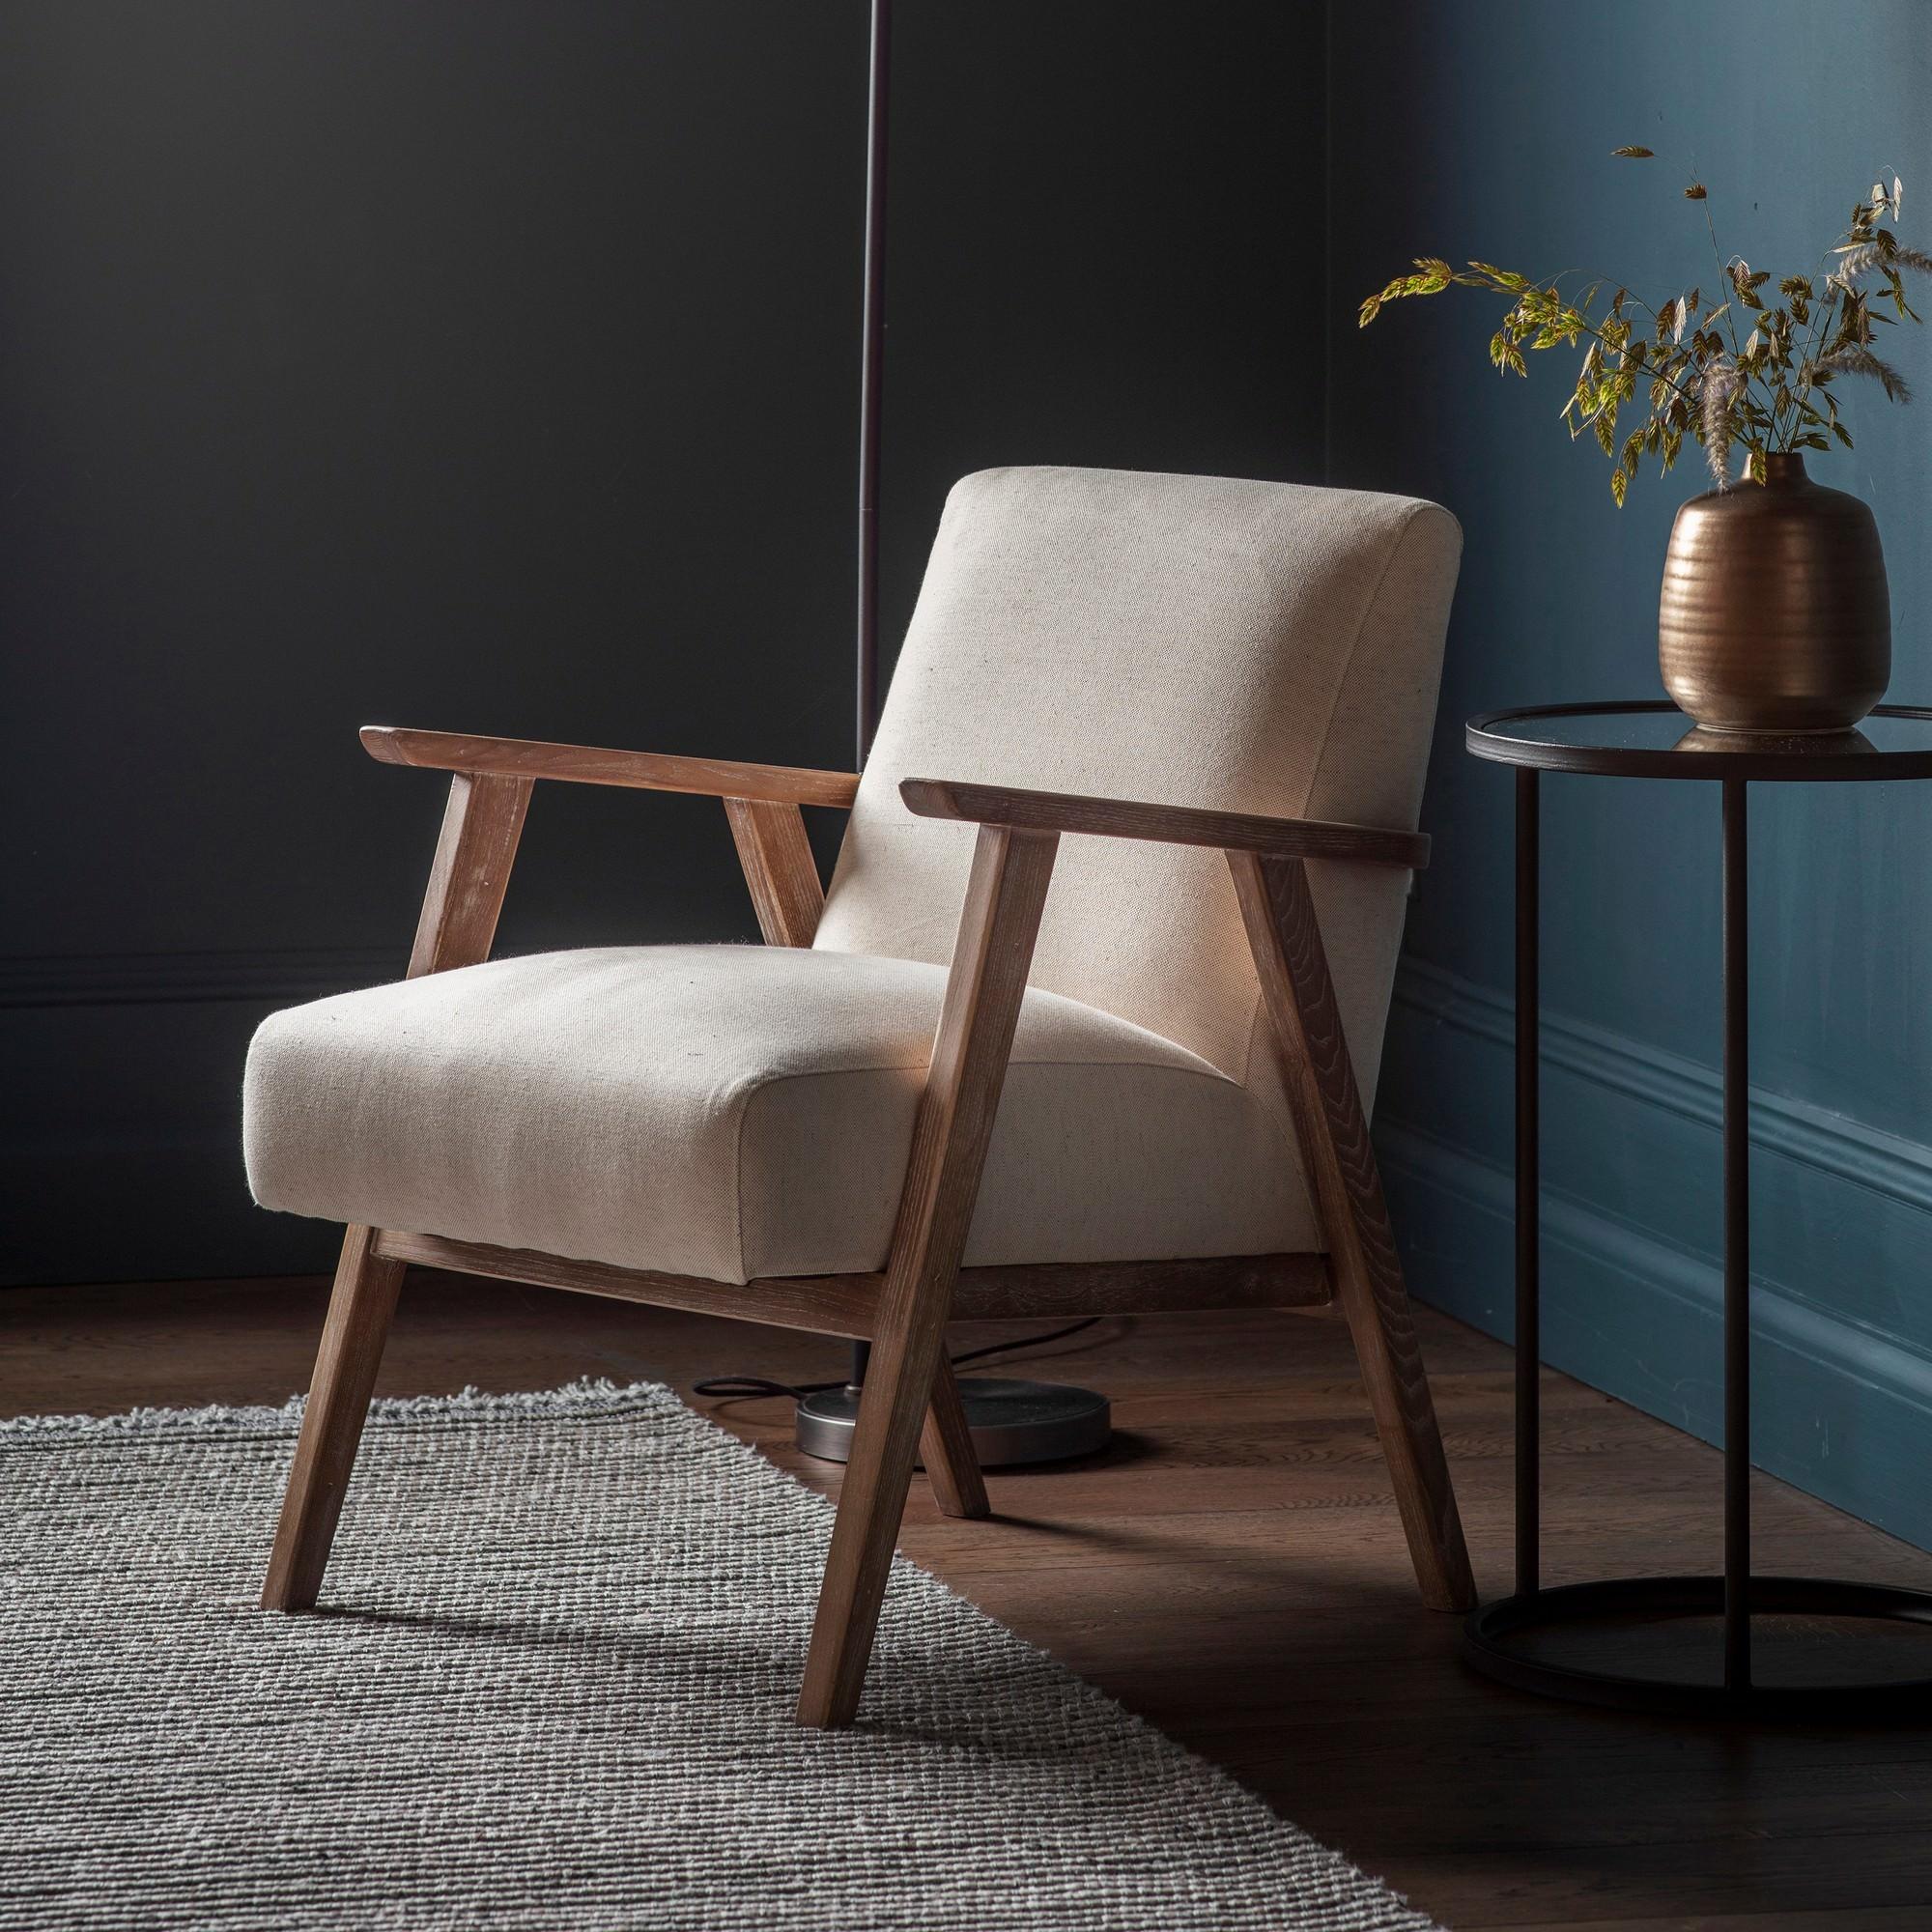 Nowa Linen & Timber Armchair, Oatmeal